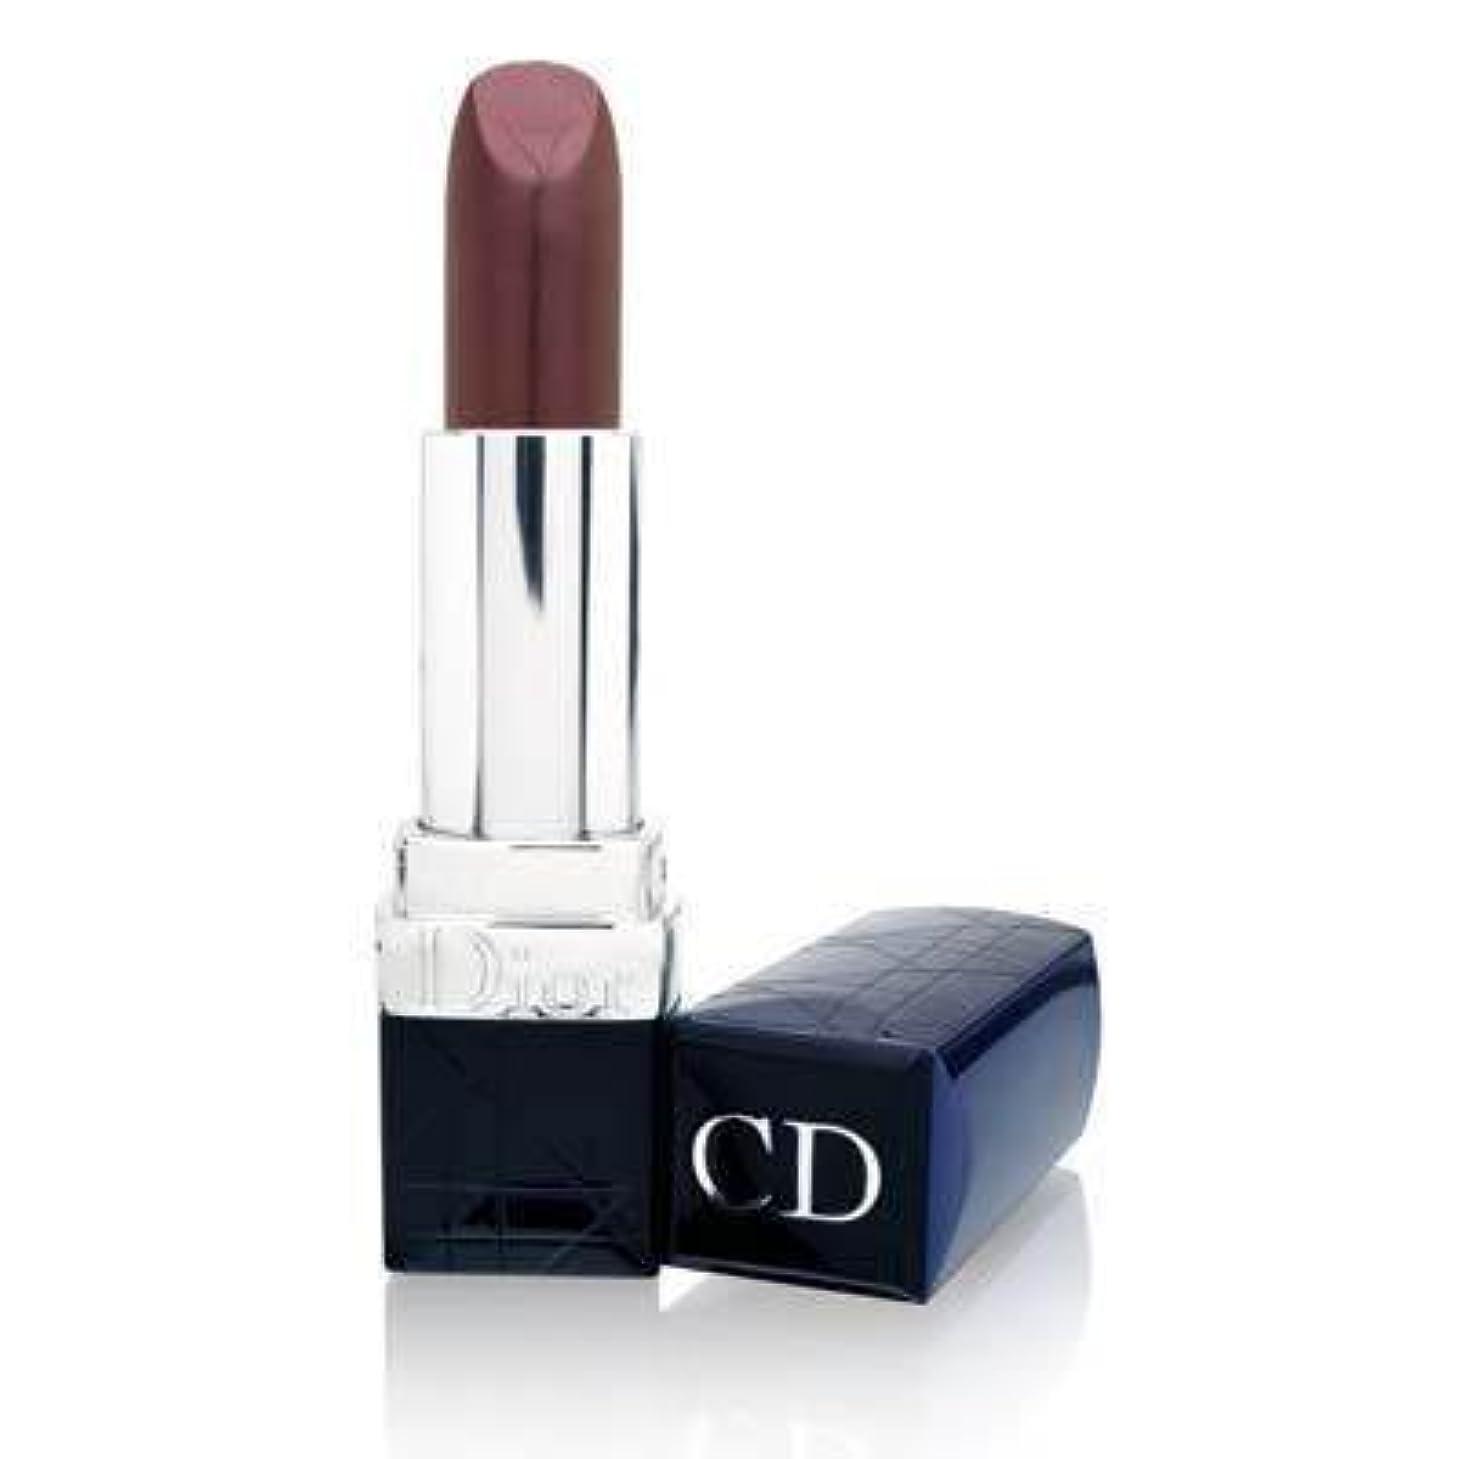 スポンジ堤防軌道Rouge Dior Replenishing Lipstick 966 Purple Sultan Satin(ルージュディオール リプレニッシング リップスティック 966 パープル スルタン サテン)[海外直送品]...